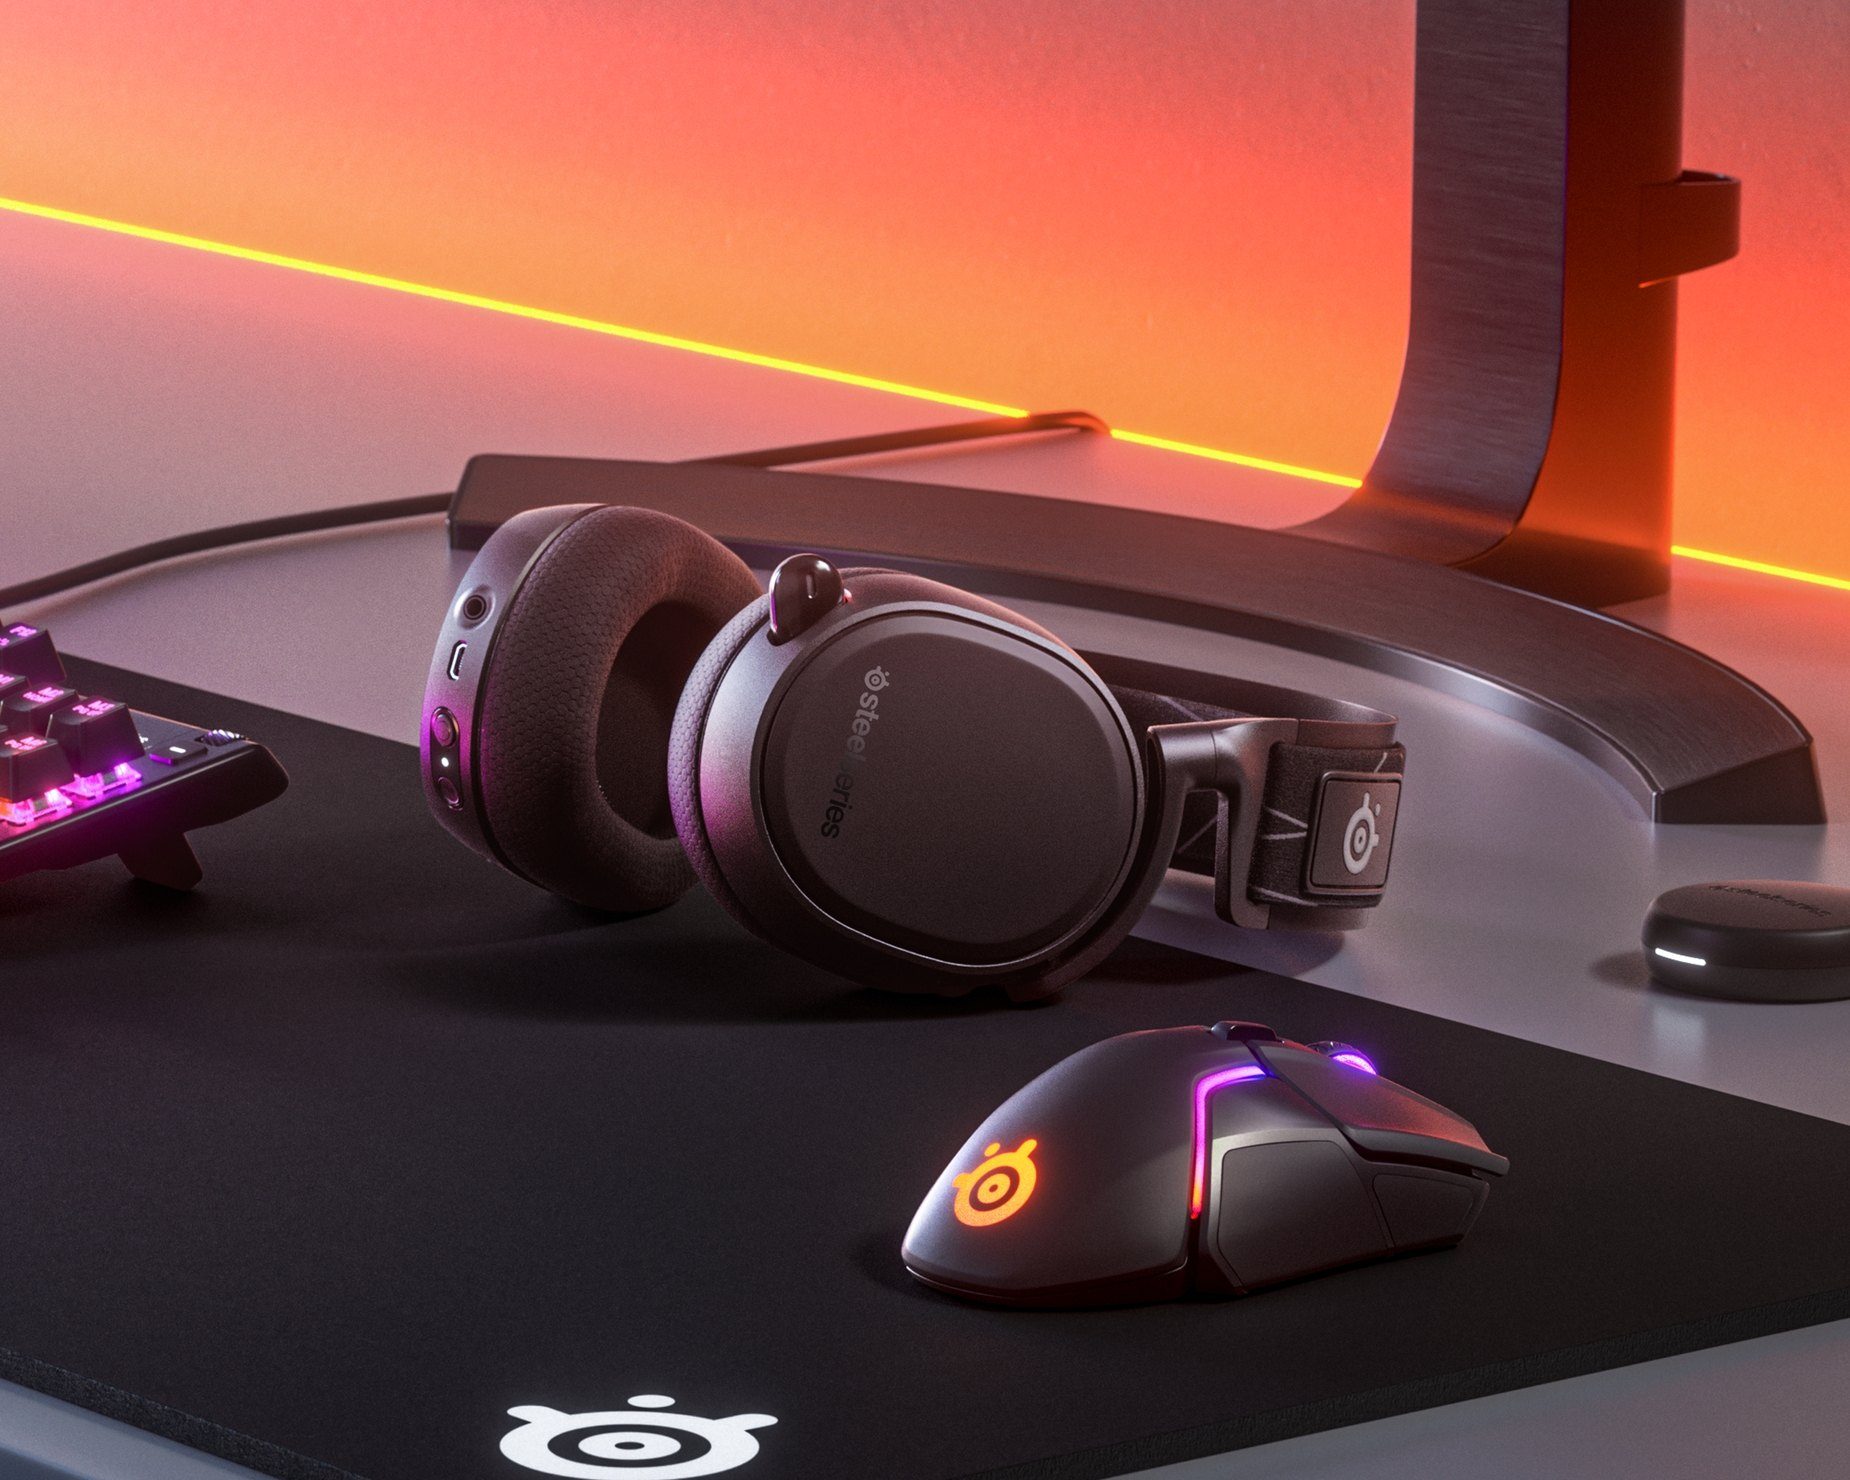 在桌上的 Arctis 9 與其他週邊設備。「來自最佳發燒級遊戲耳機的製造商」 -IGN